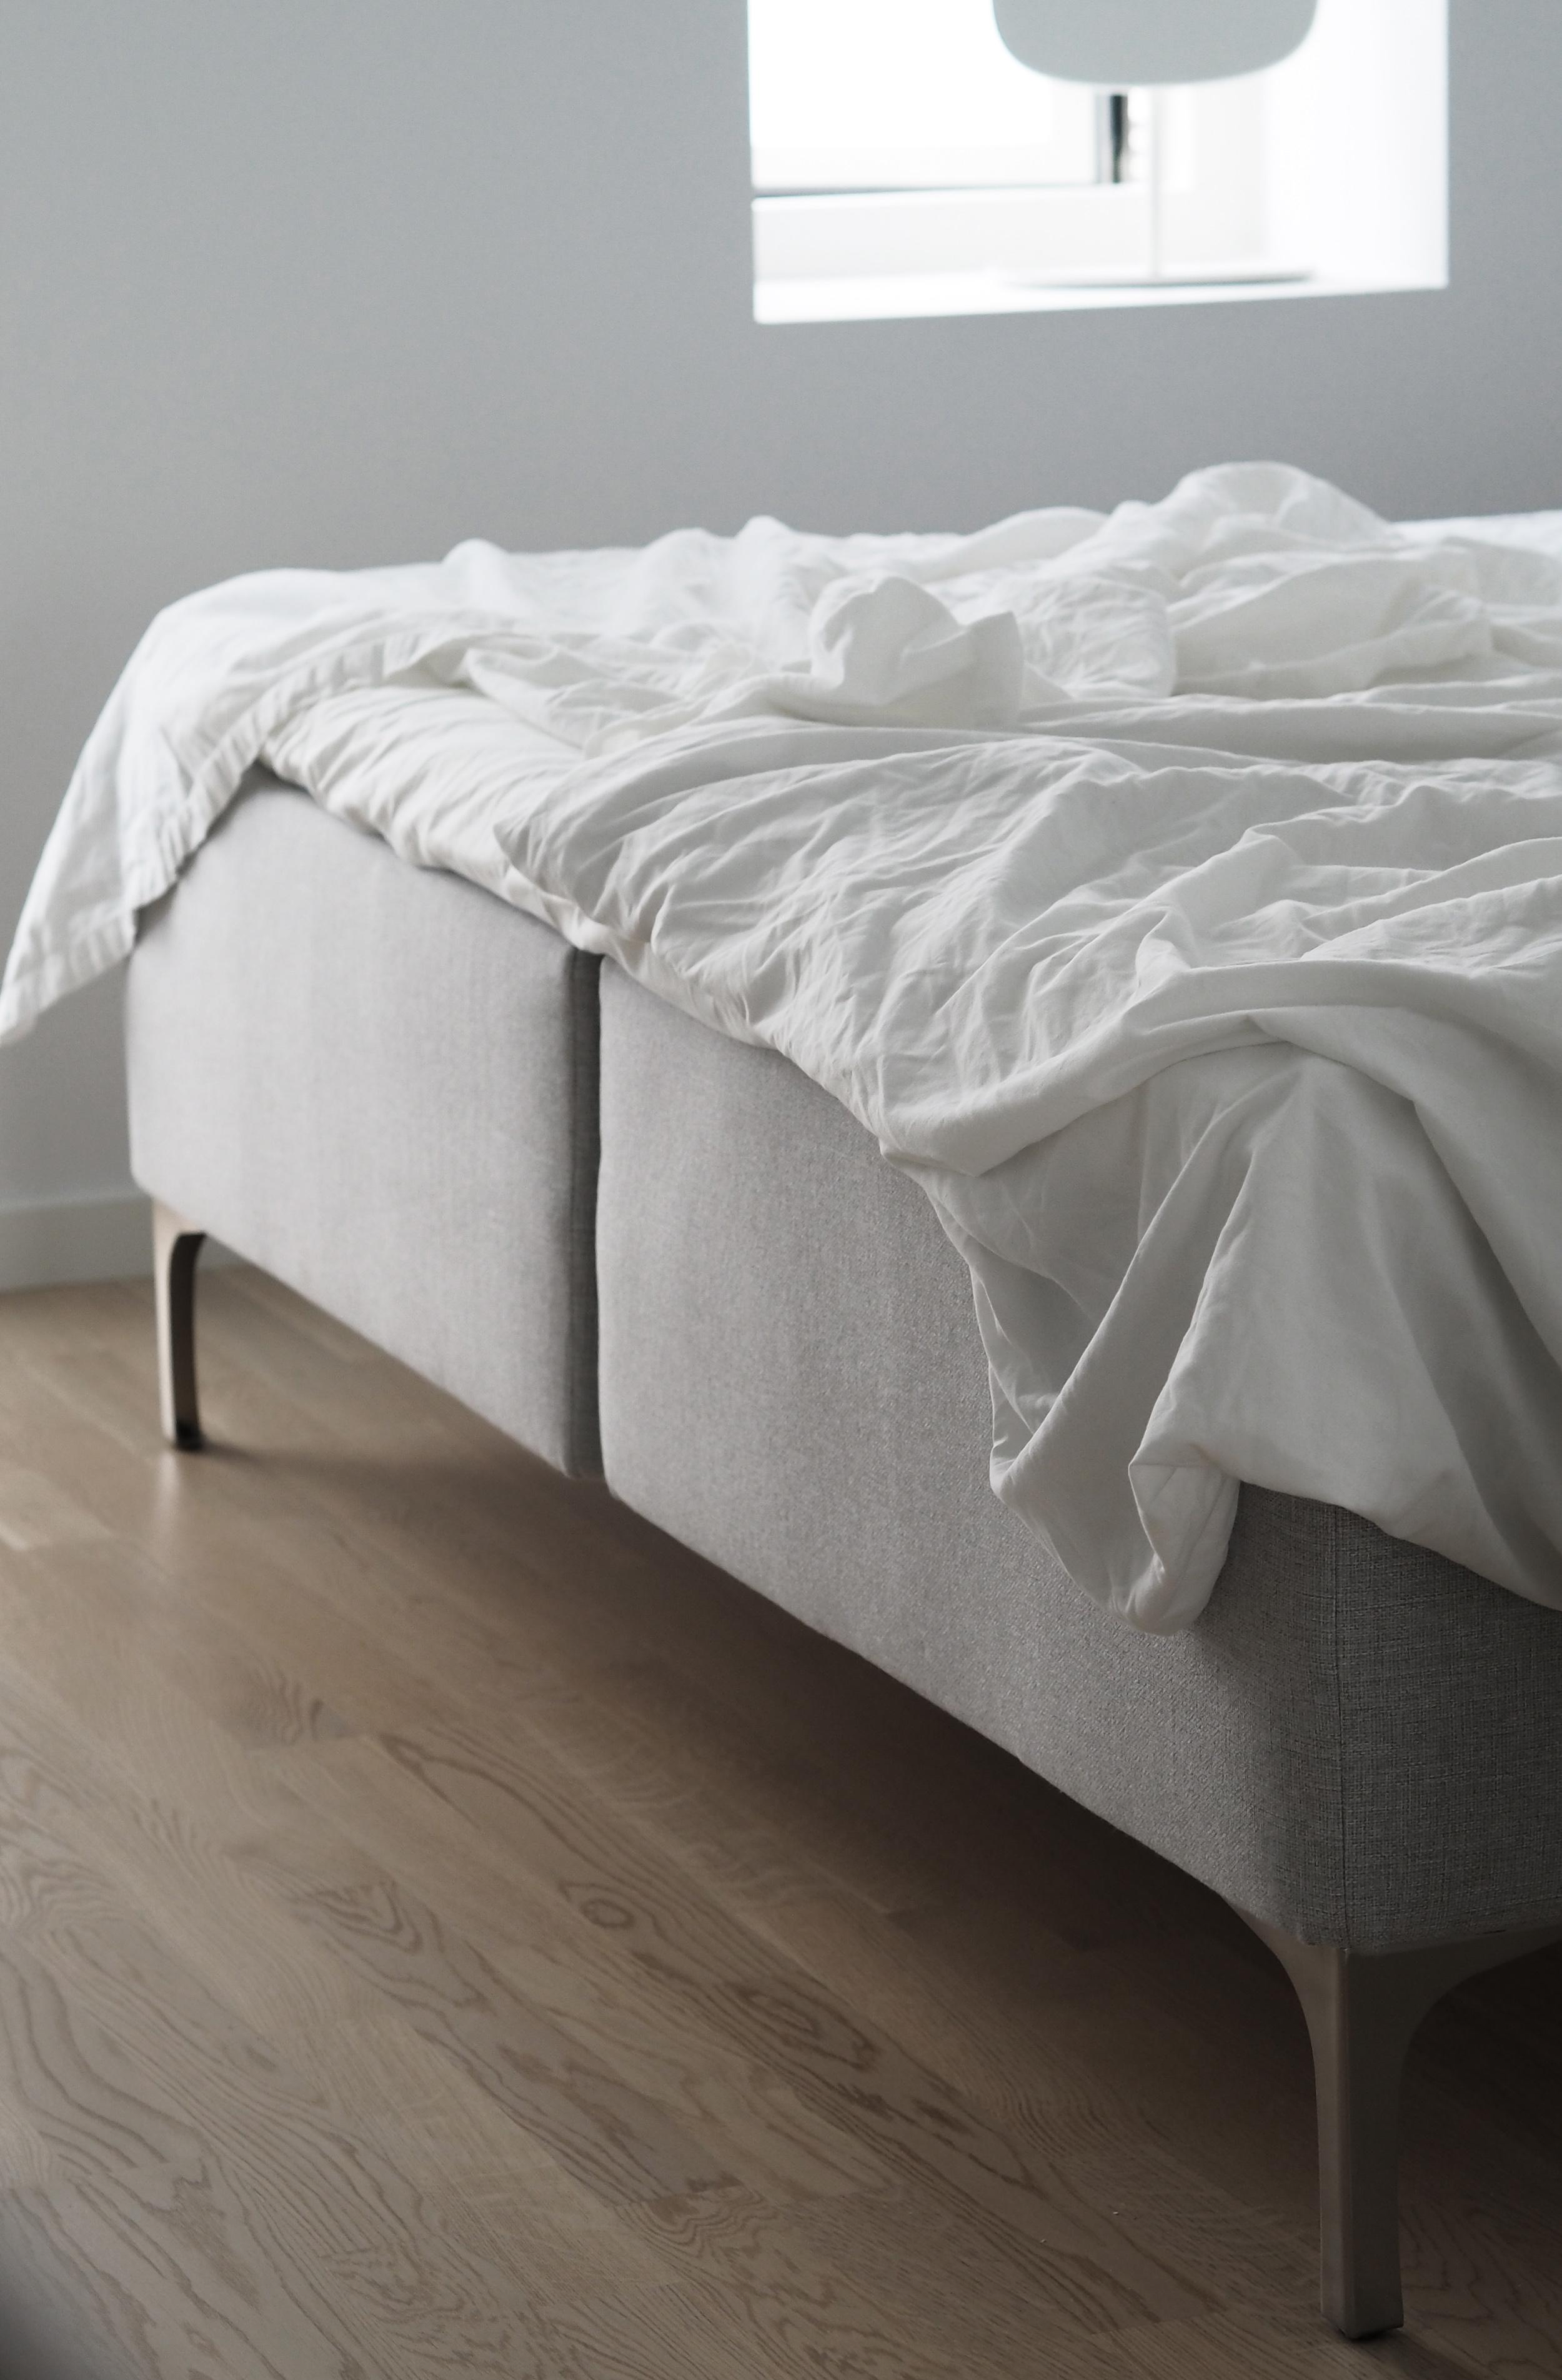 Scandinavian simplicity, a natural bed for my new Copenhagen home